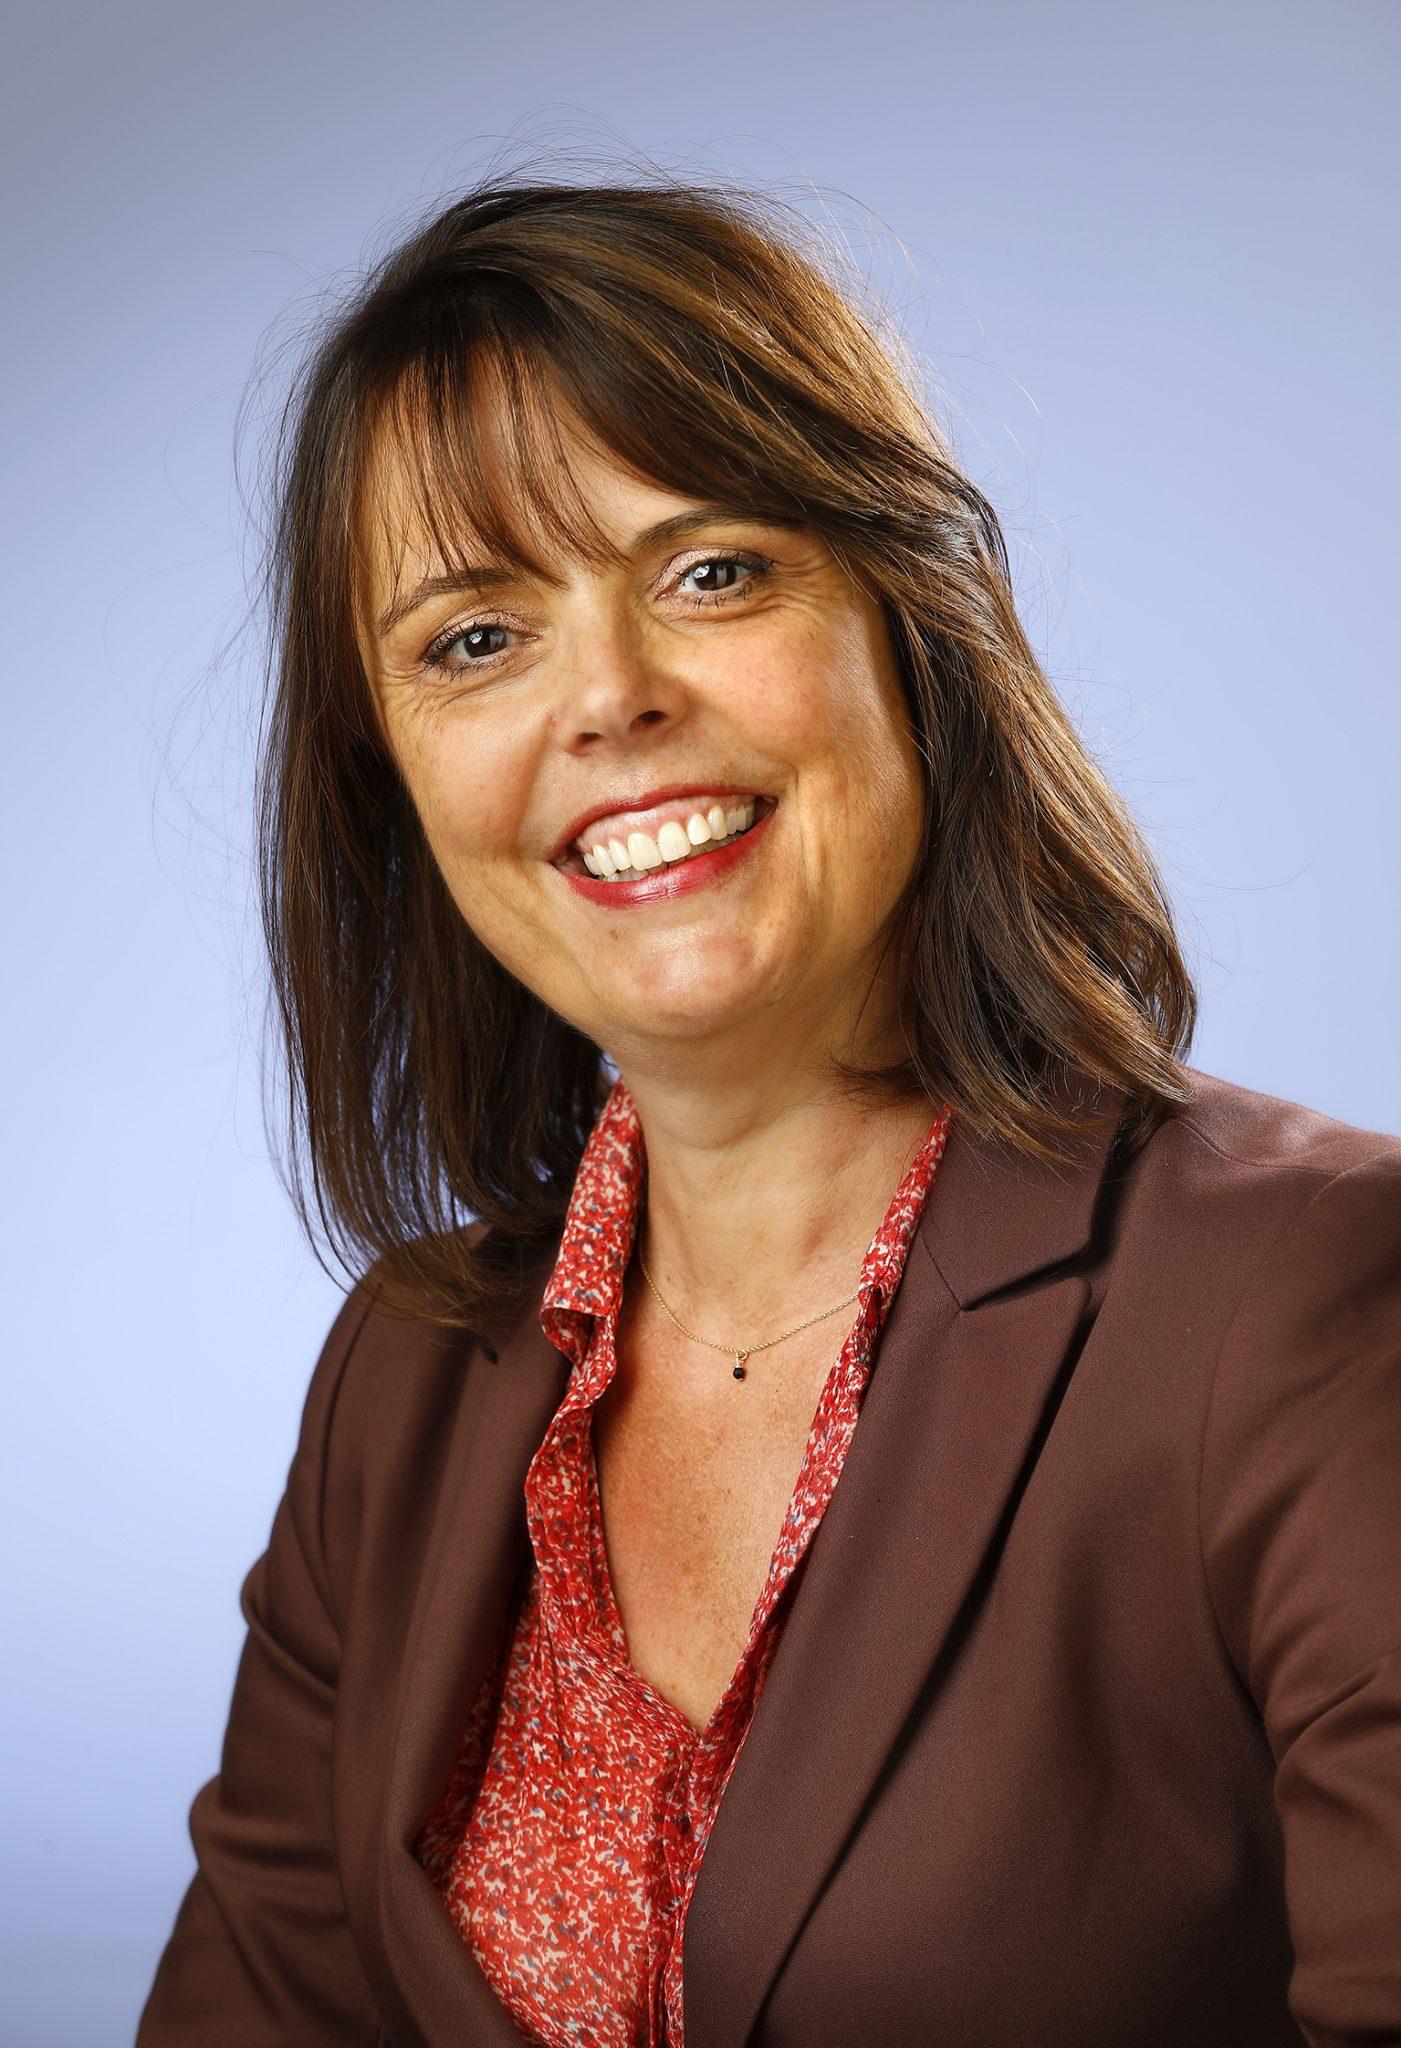 Eva van Gils